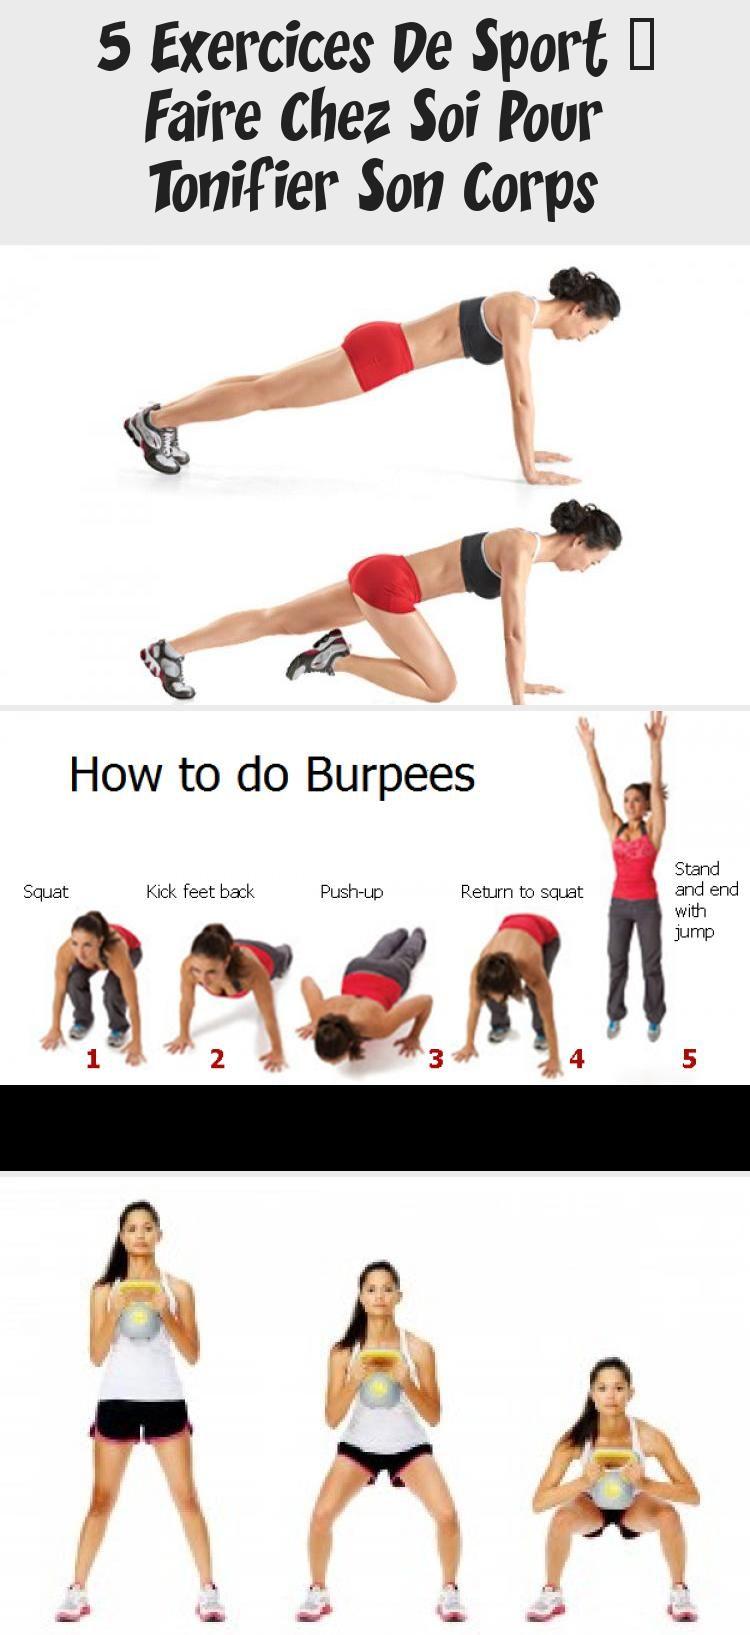 5 Exercices De Sport à Faire Chez Soi Pour Tonifier Son Corps | Squats, Squat stands, Push up